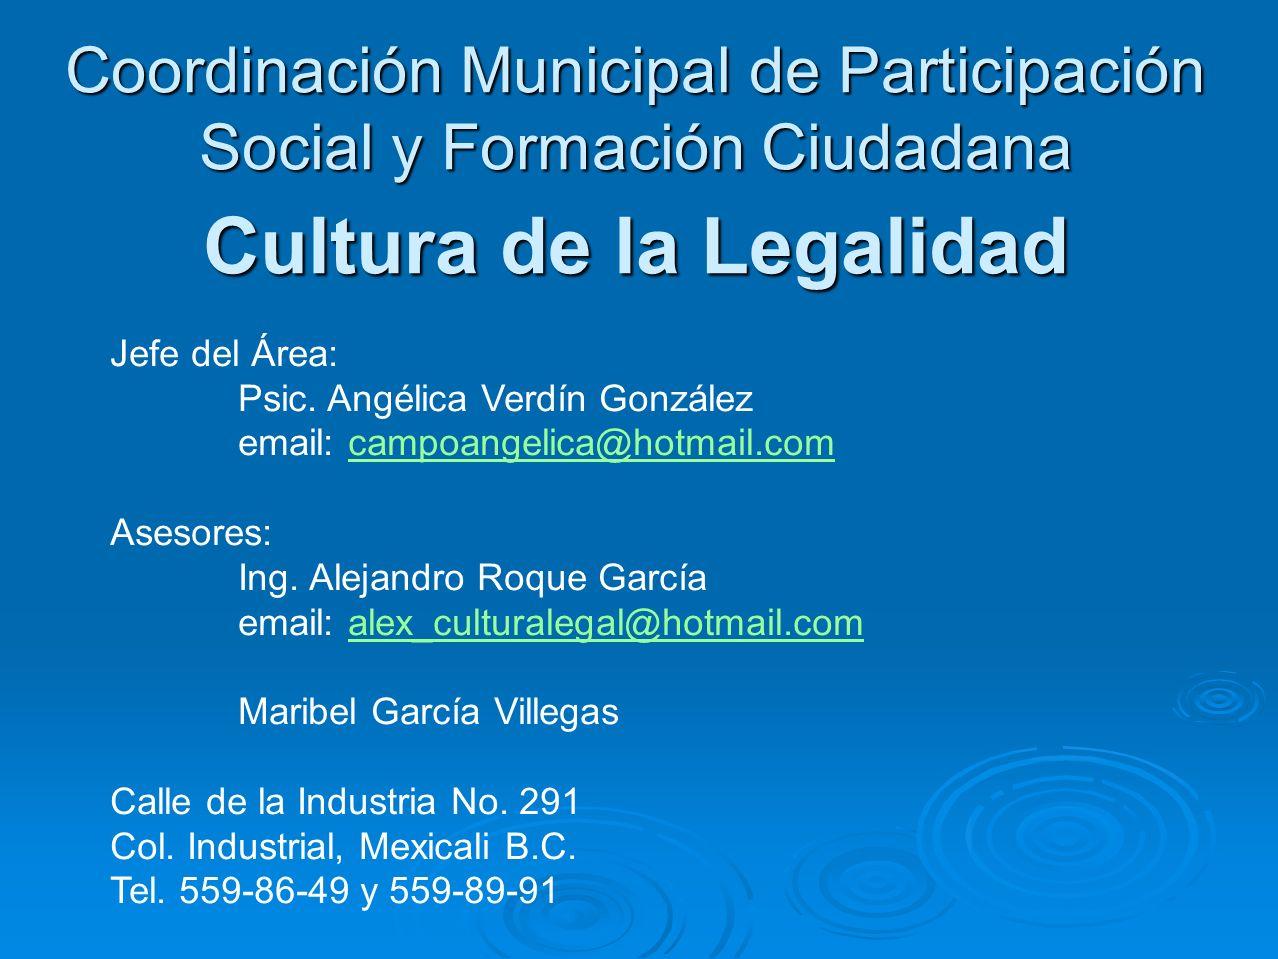 Coordinación Municipal de Participación Social y Formación Ciudadana Cultura de la Legalidad